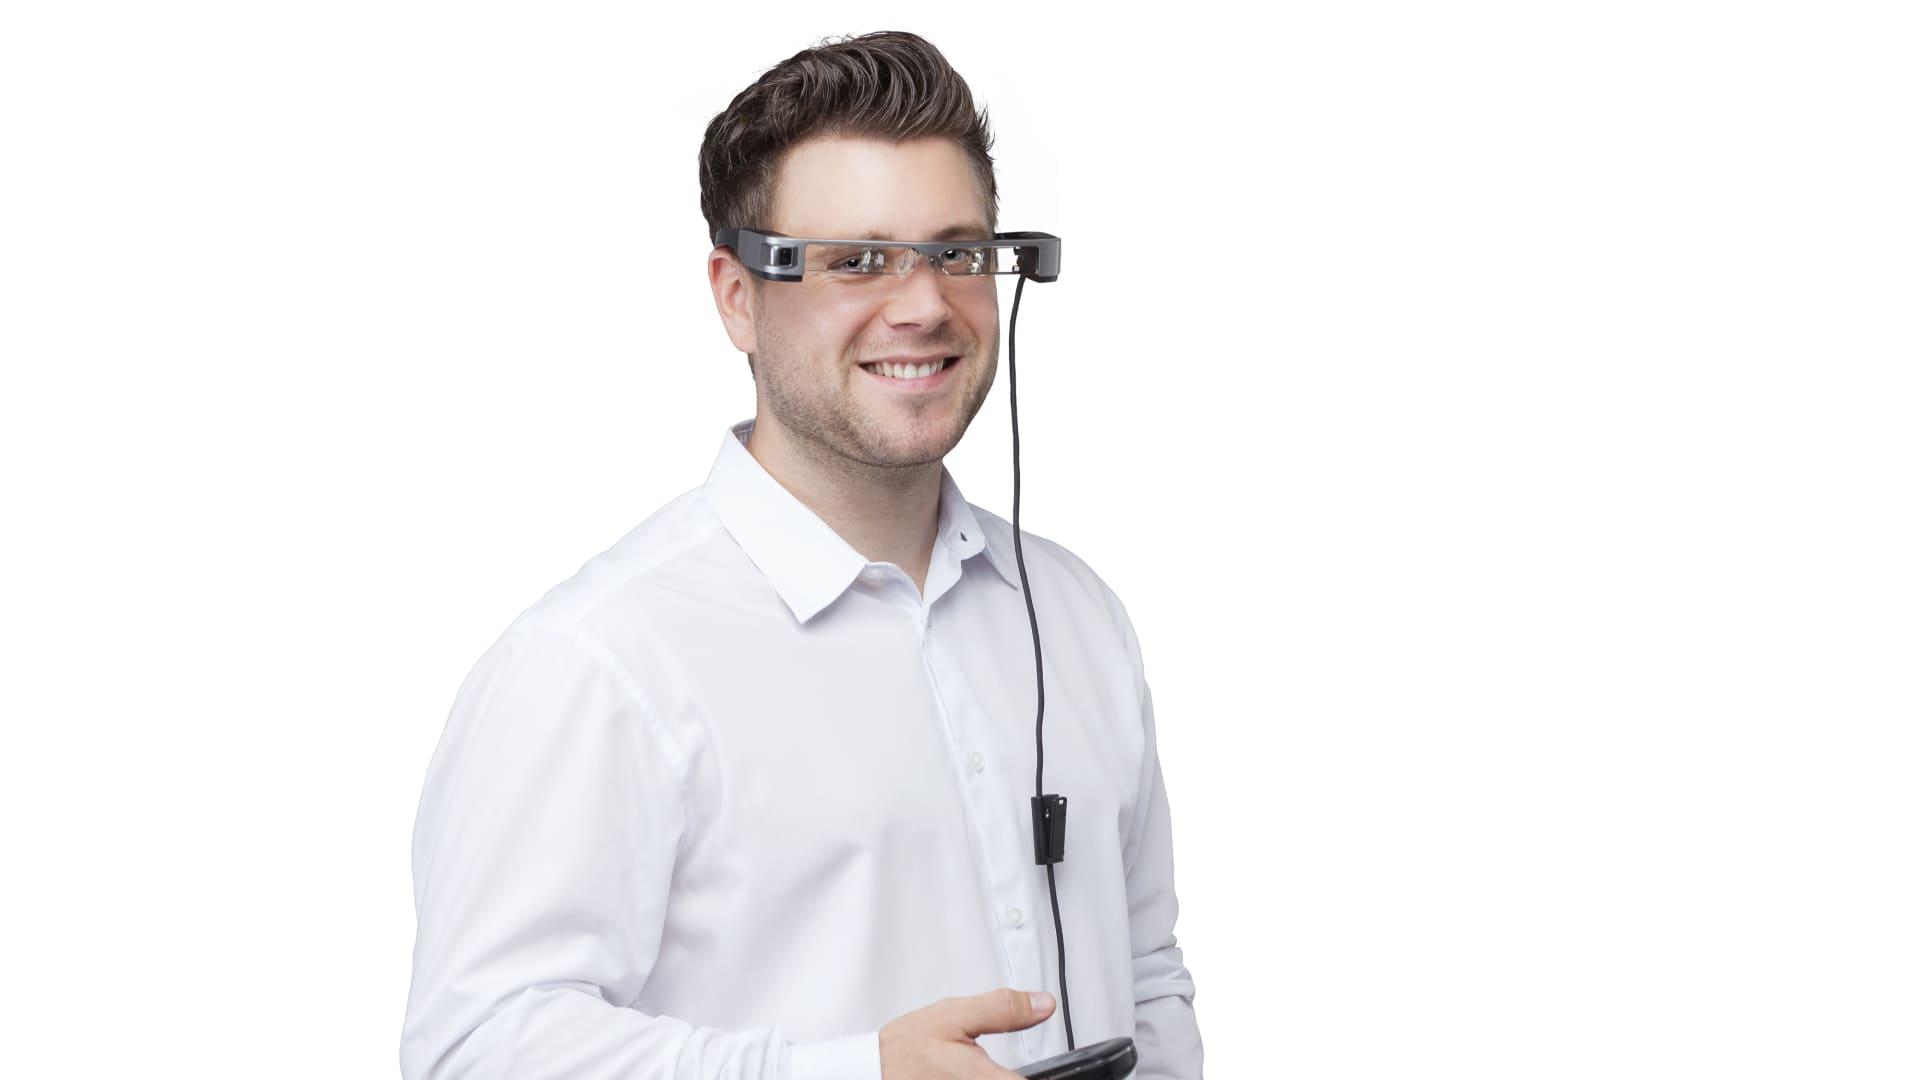 Daniel trägt eine Datenbrille.